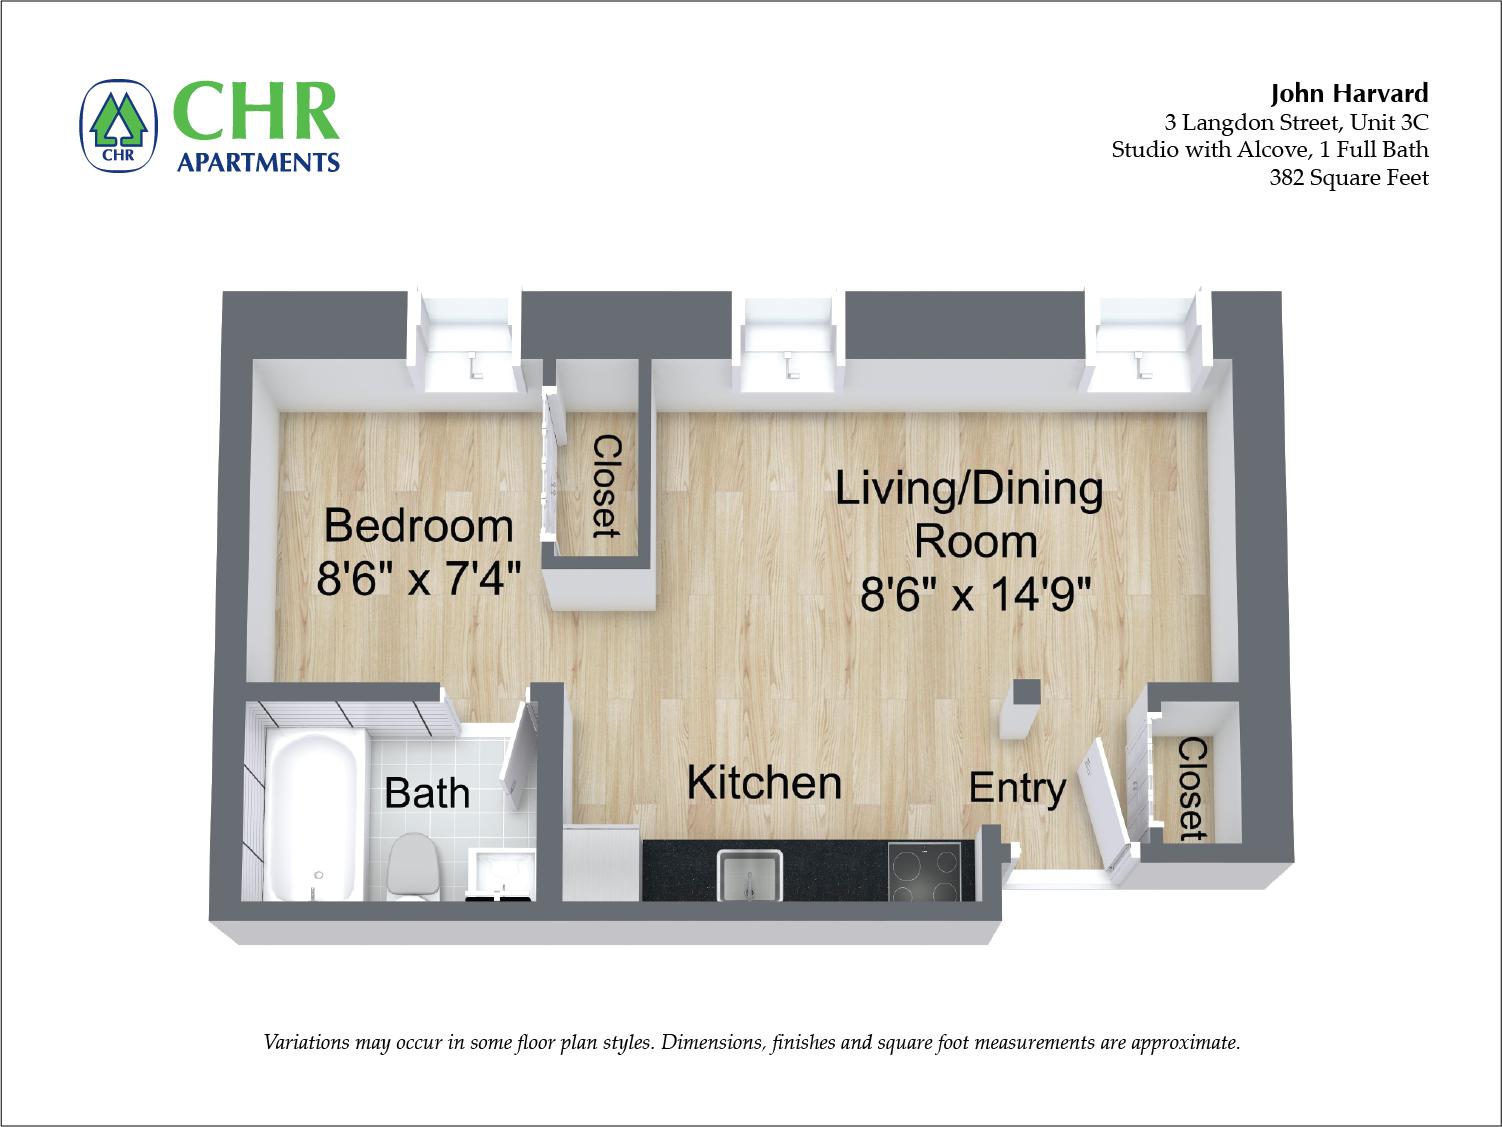 Floor plan John Harvard - Studio image 2